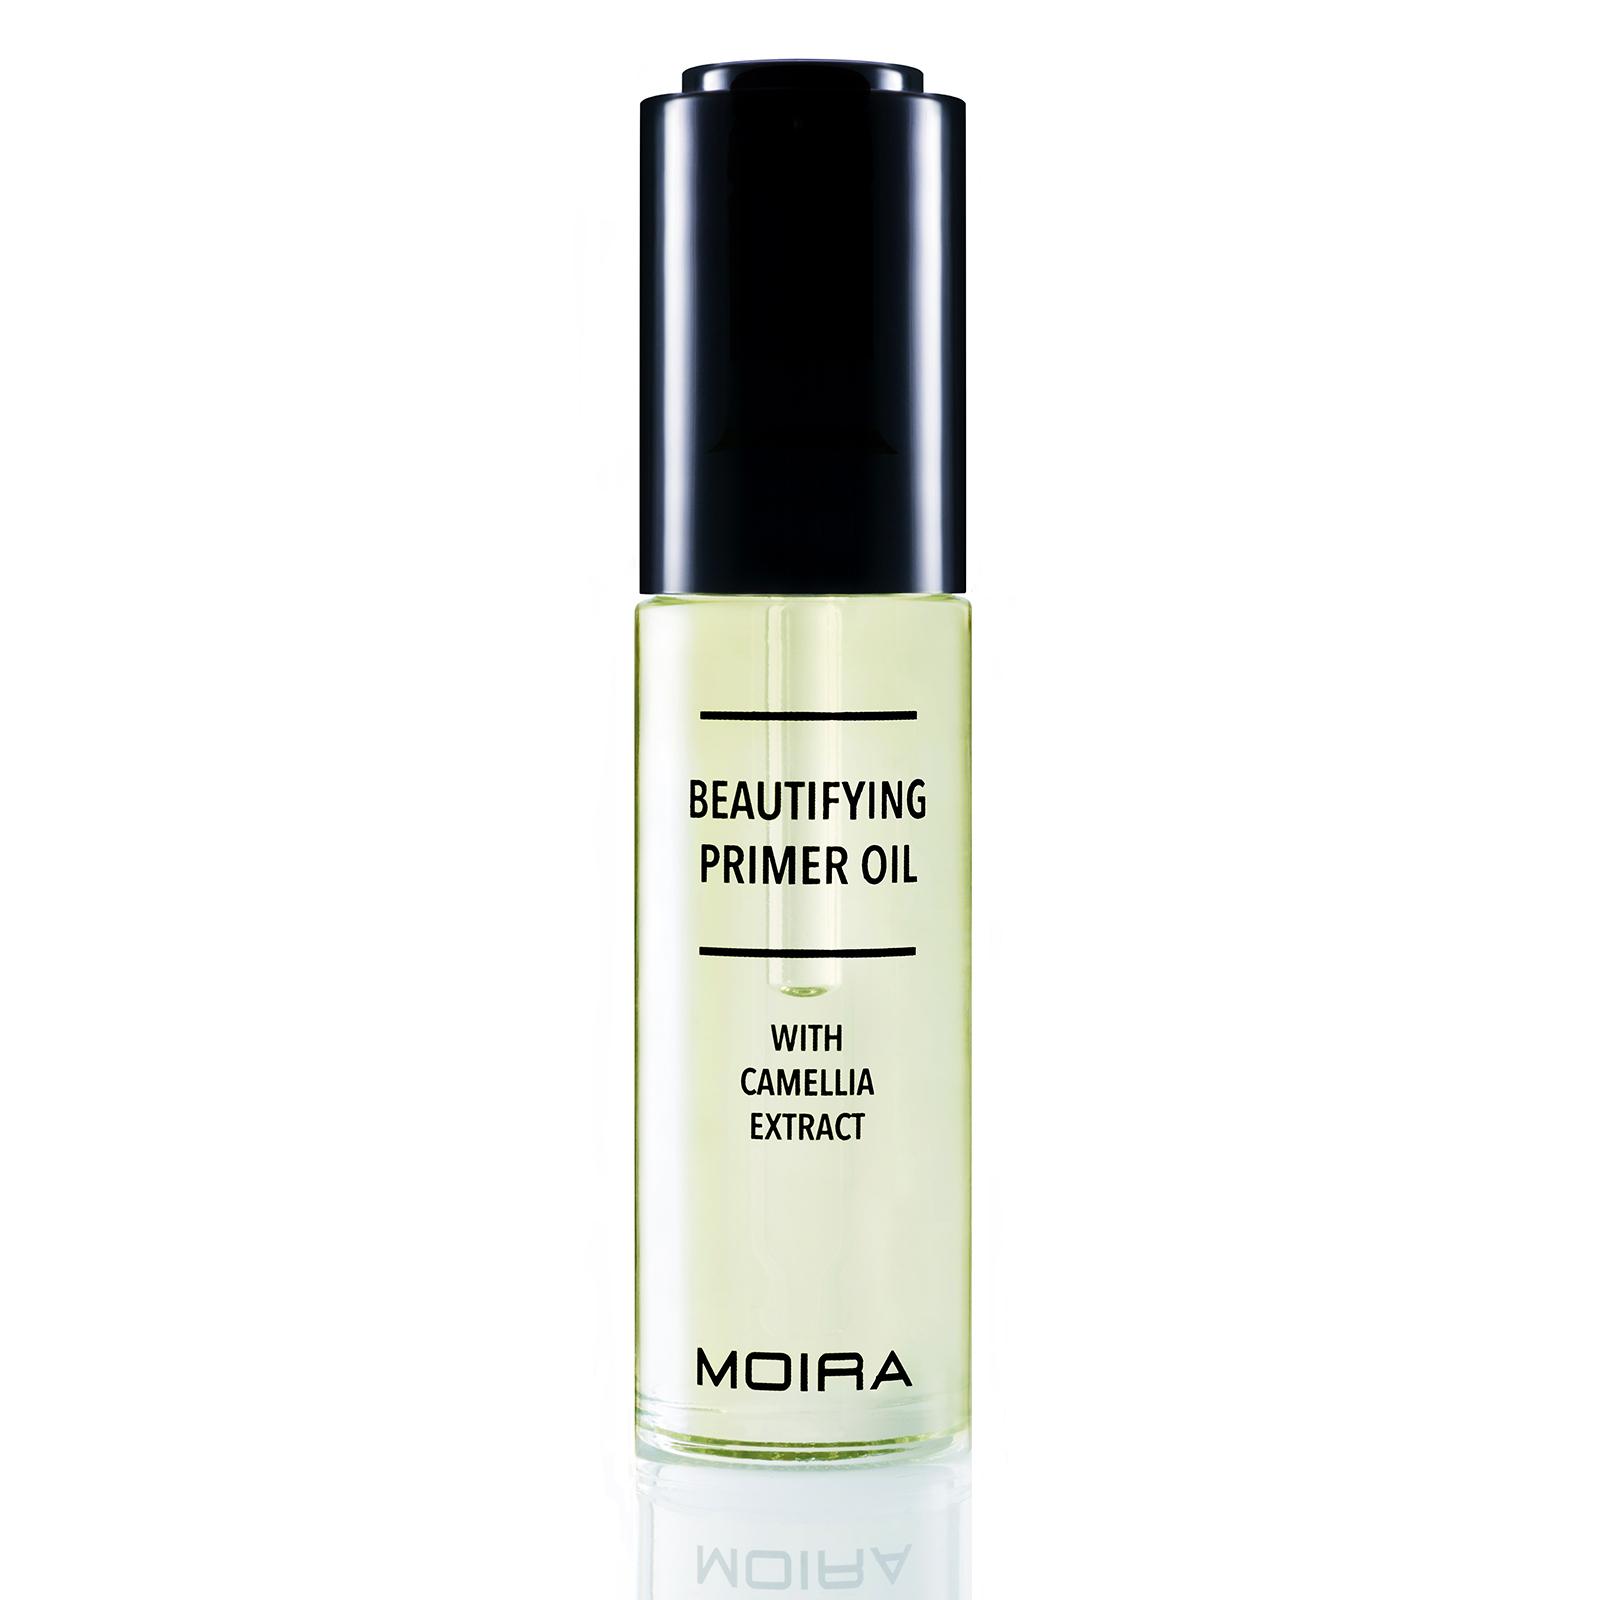 bpo-beautifying-primer-oil-moira.jpg